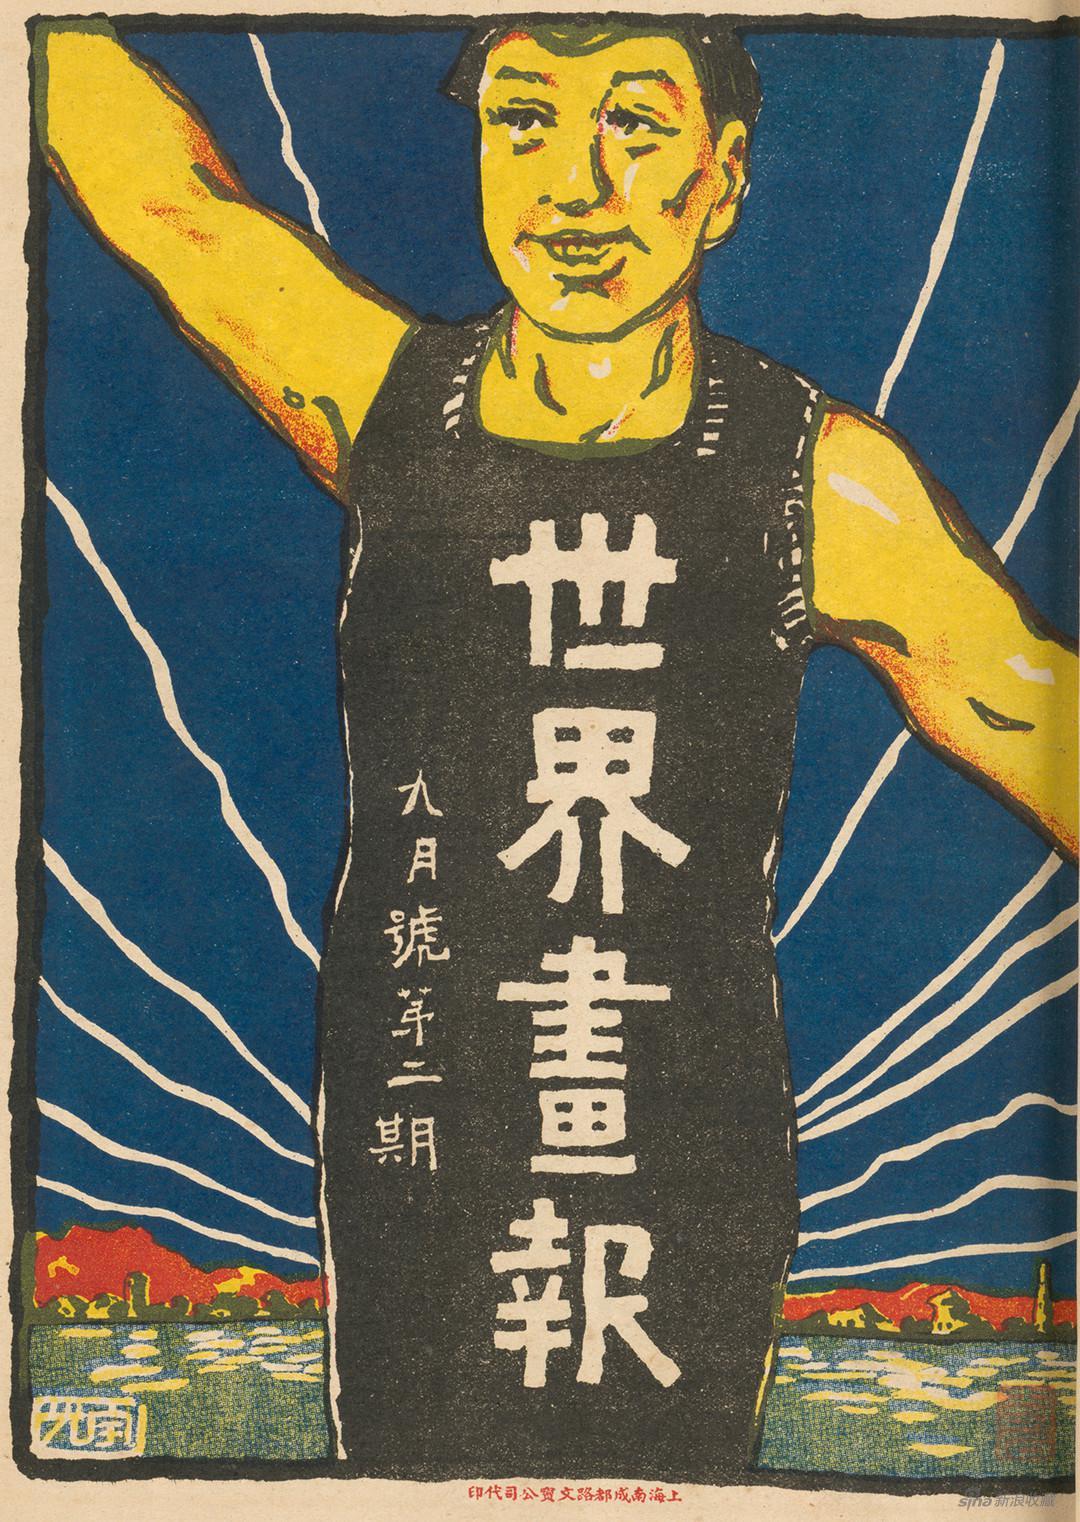 1918年9月,《世界画报》第2期封面